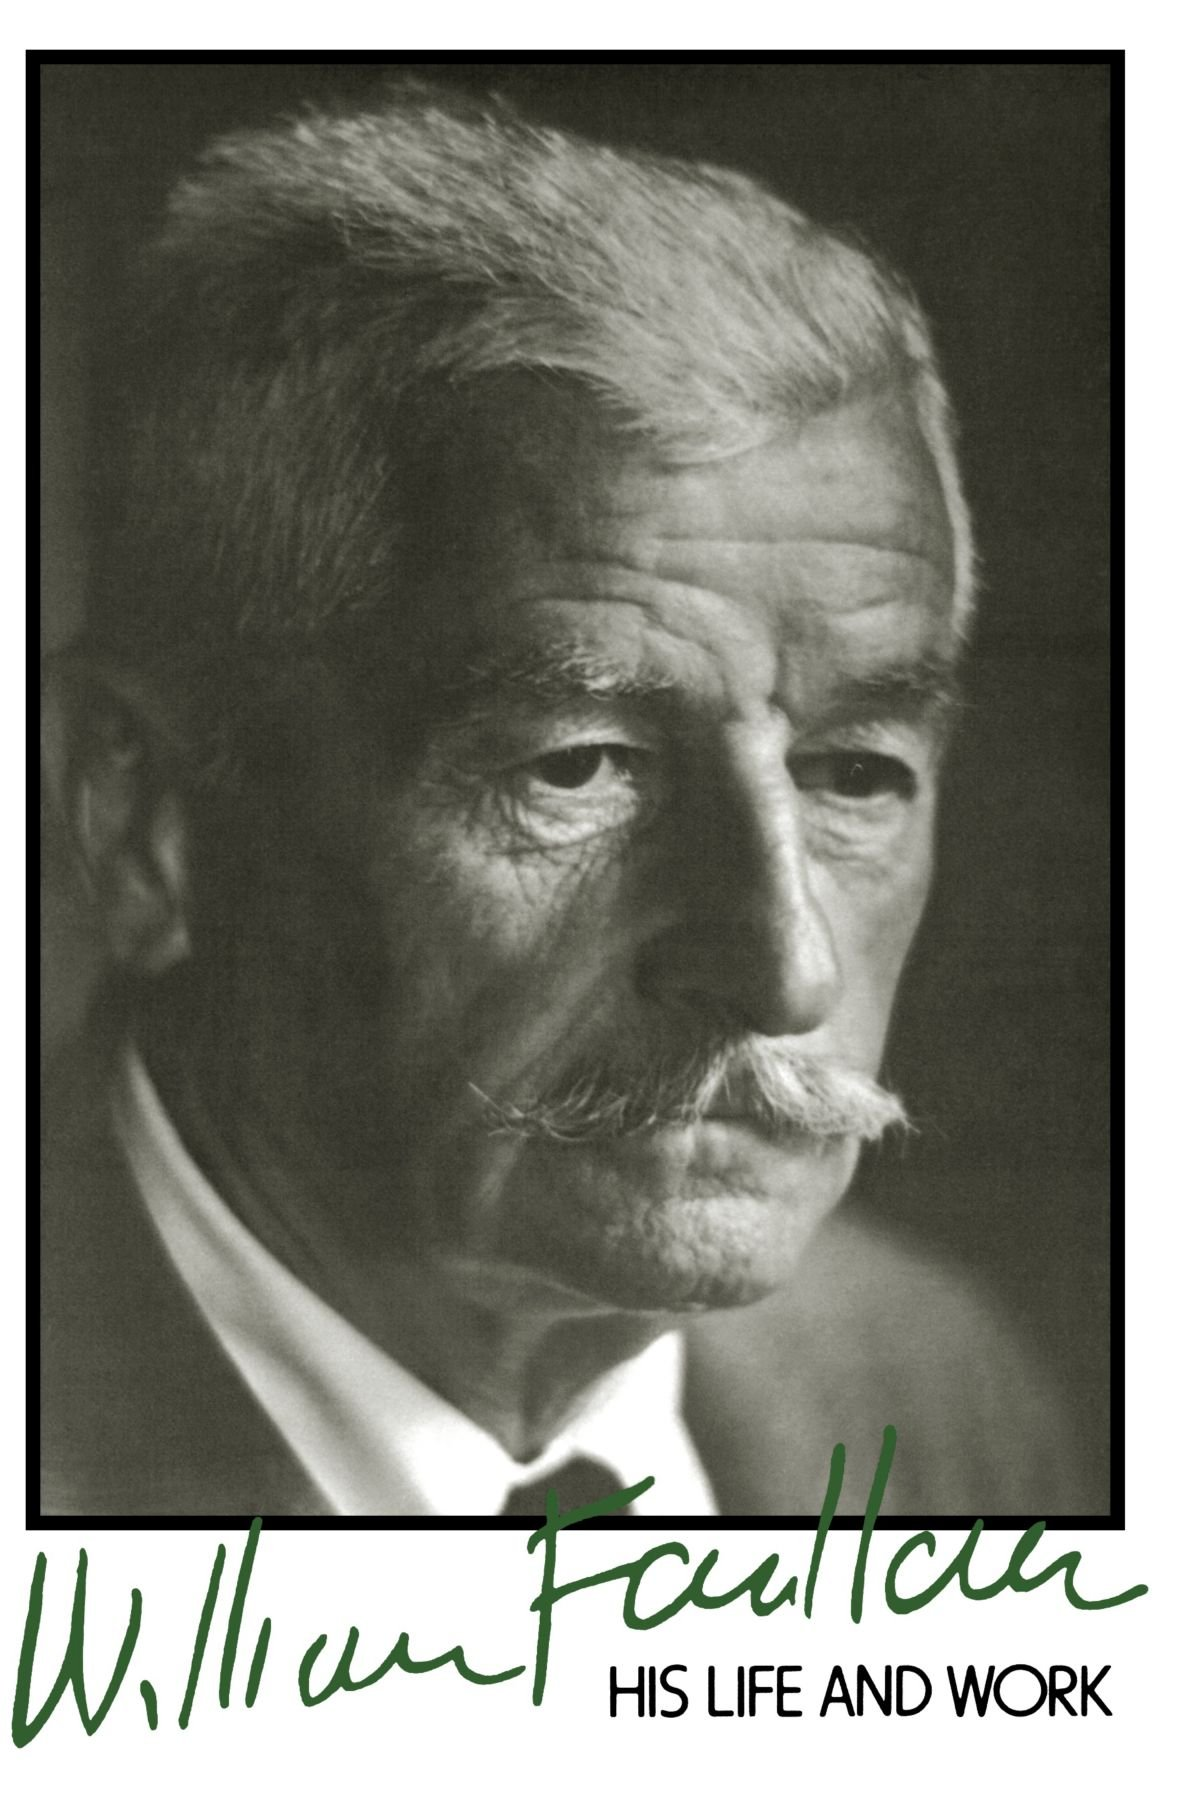 006 71yinu39gil Essay Example William Faulkner Stunning Essays Topics Full